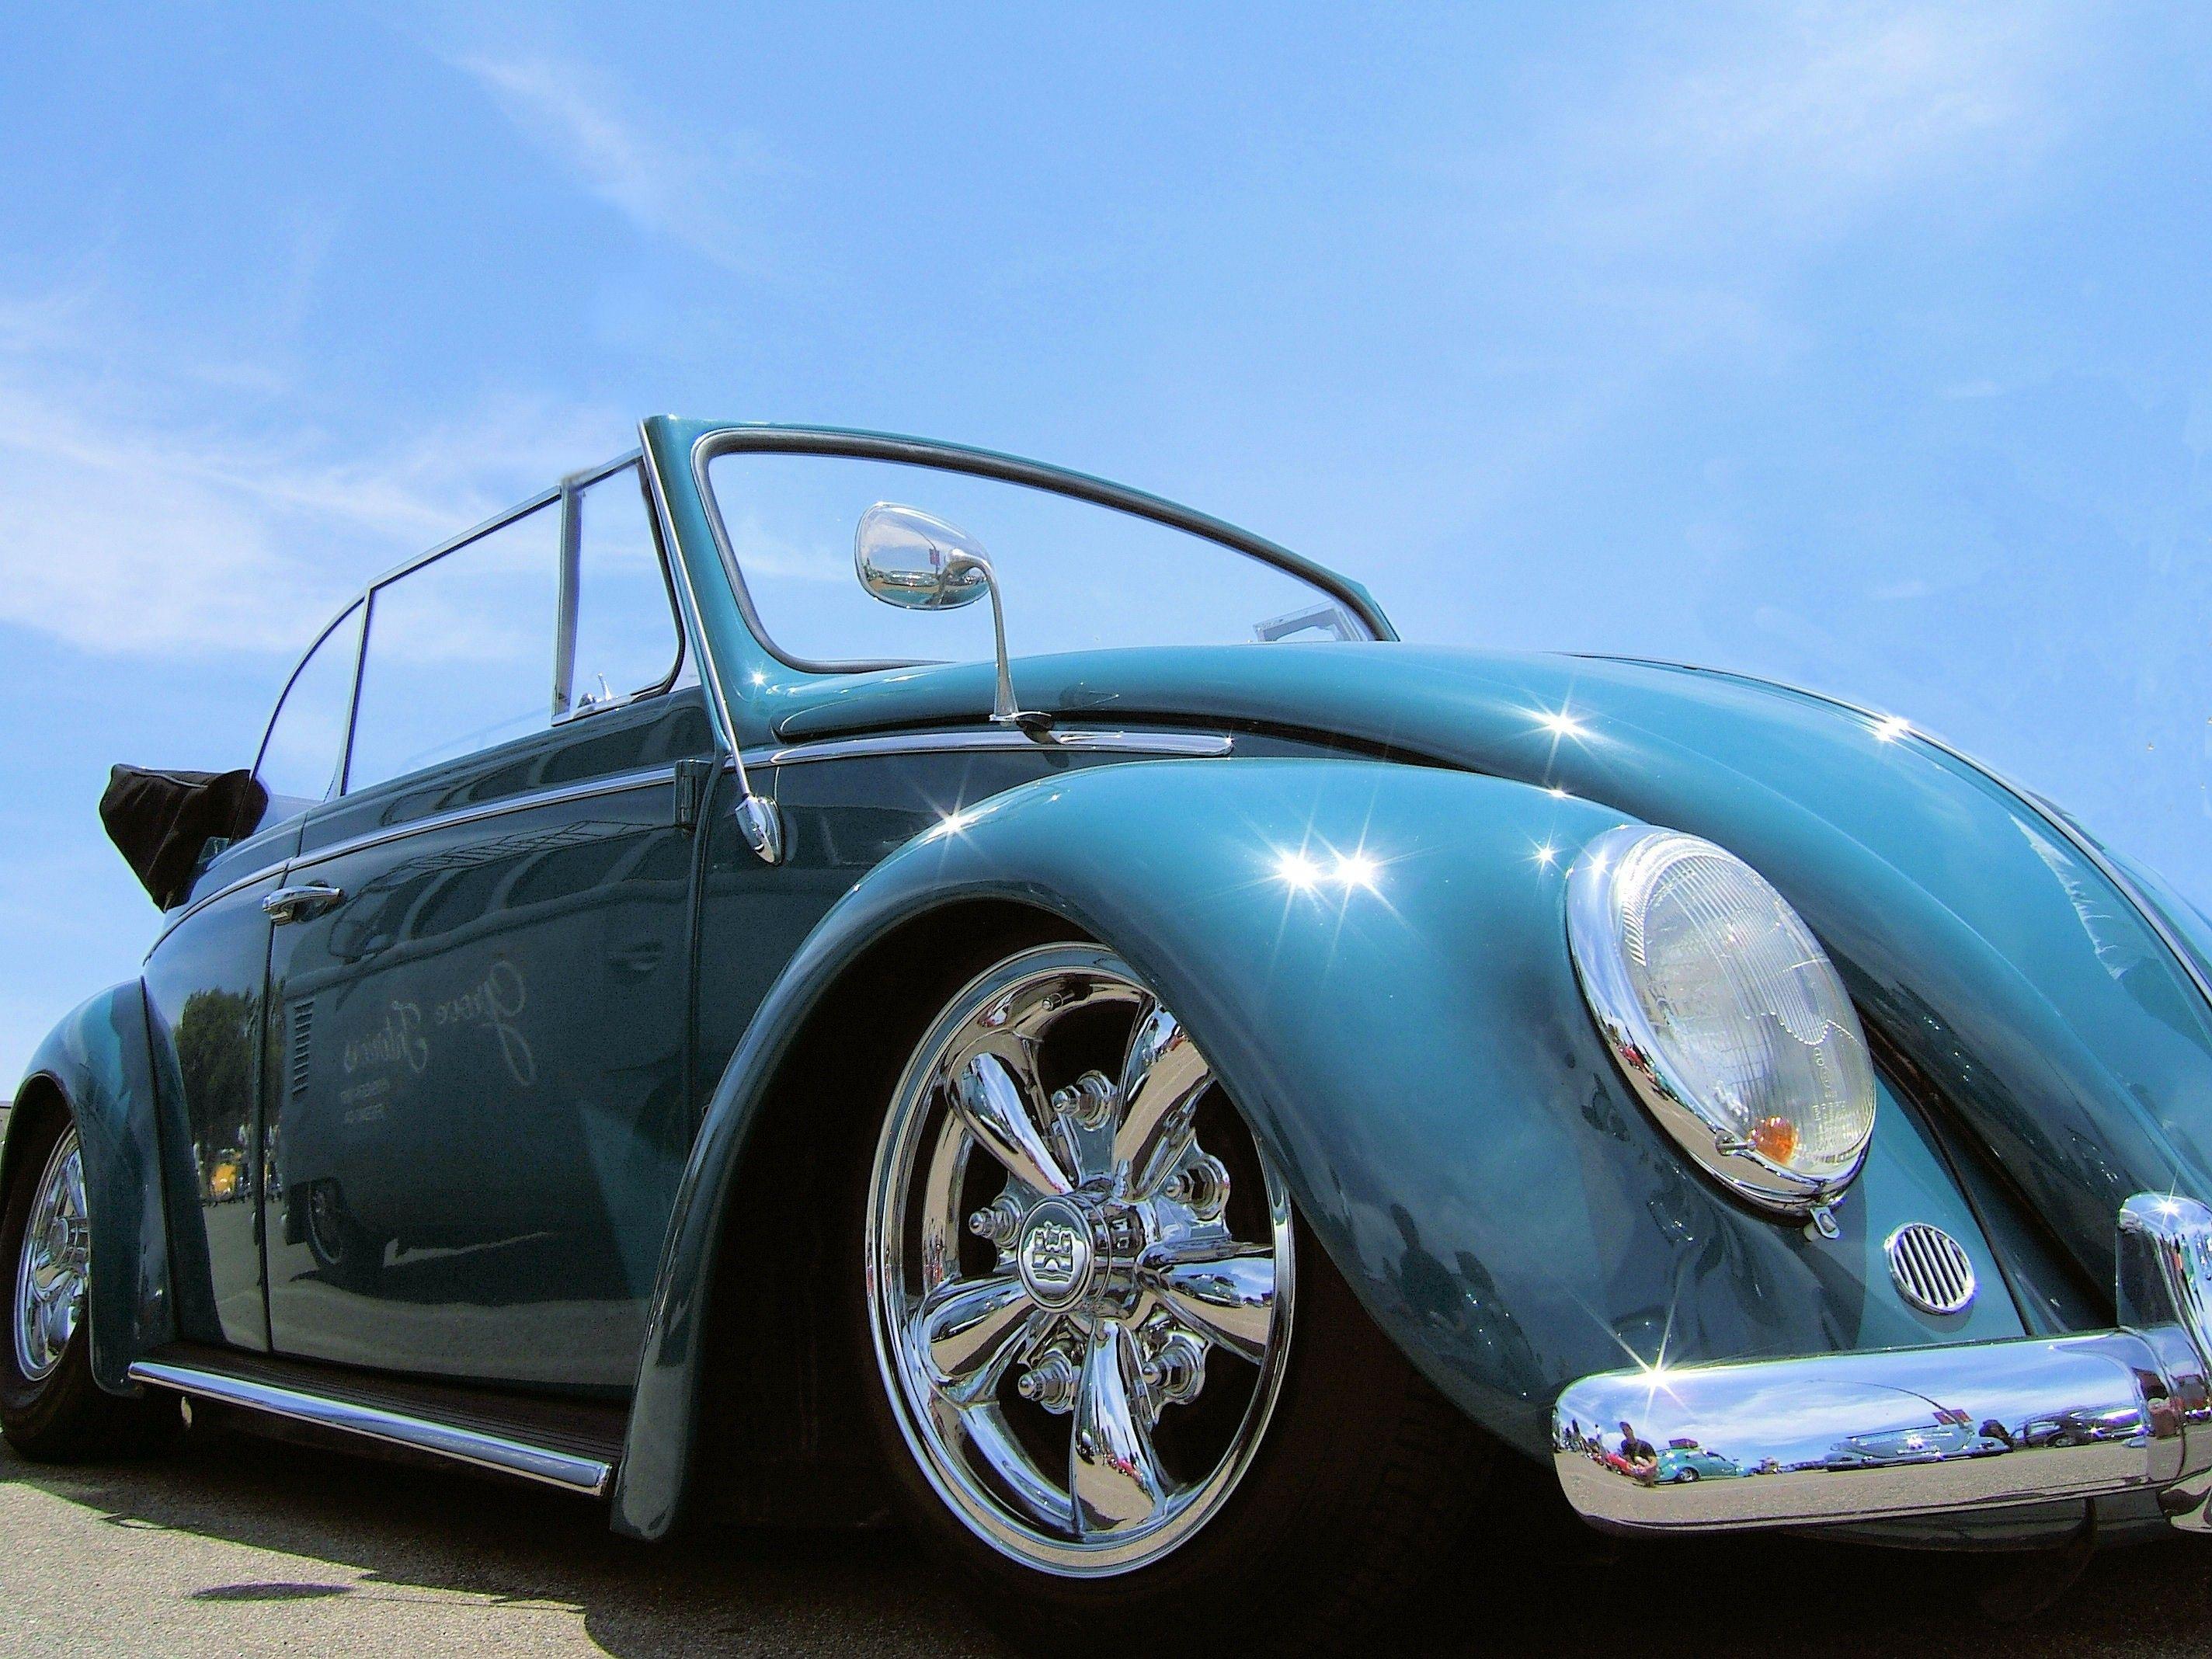 wallpapers car wallpaper convertible dune hd volkswagen wide beetle